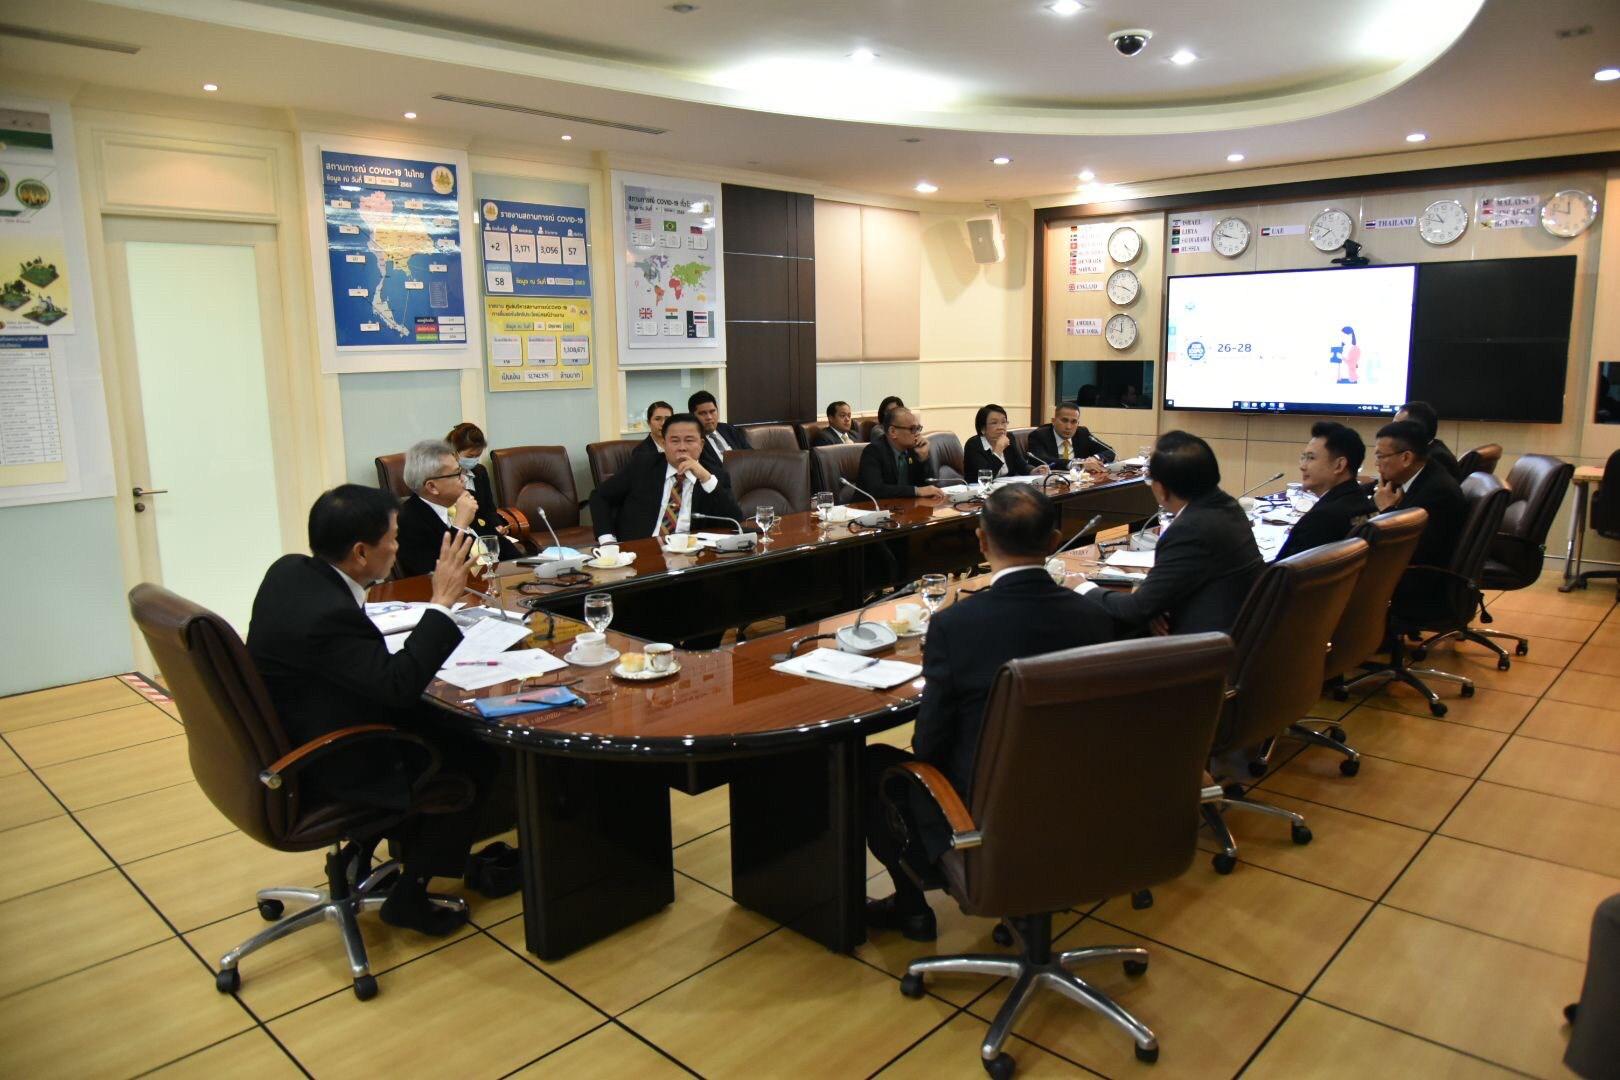 ประชุมชี้แจงความคืบหน้าโครงการ JOB EXPO THAILAND 2020